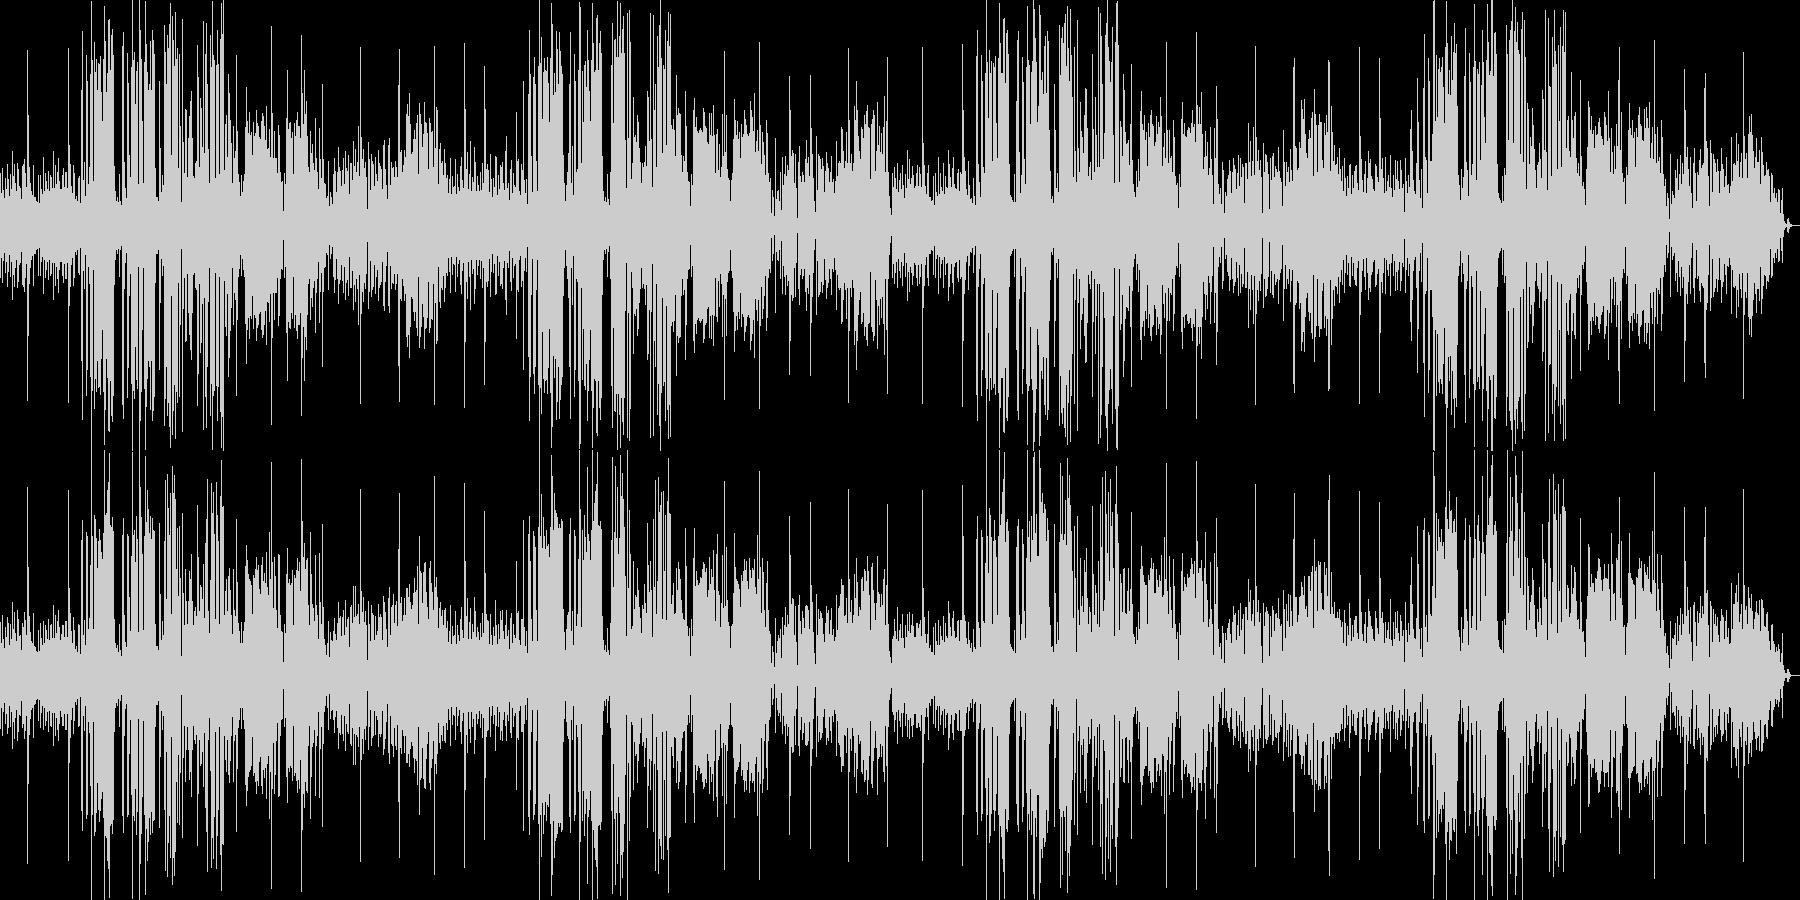 おしゃれなジャズの雰囲気漂うBGMの未再生の波形